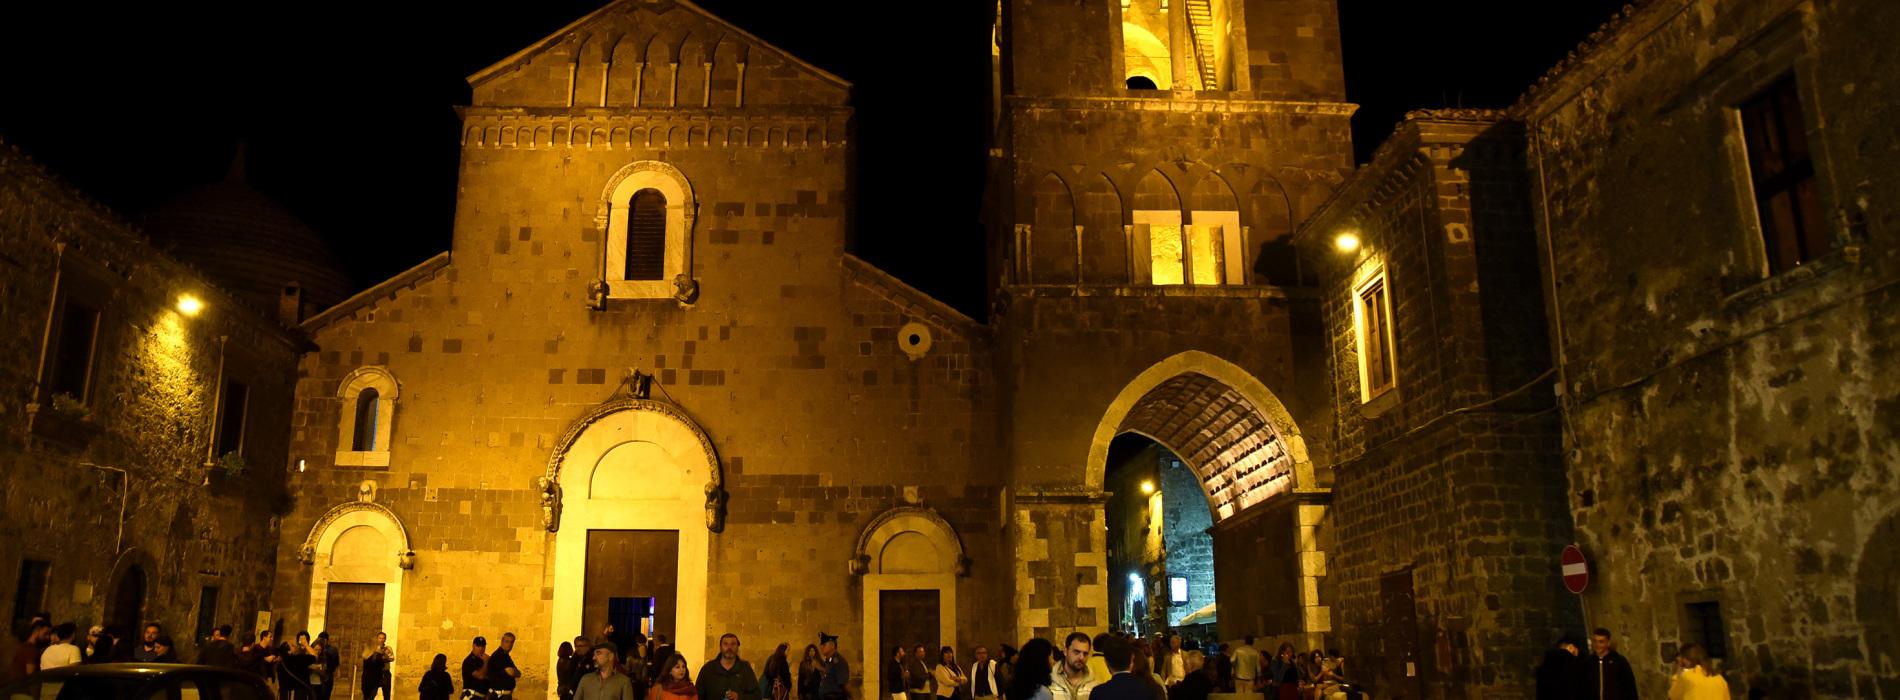 Casertavecchia, al Borgo il Settembre-bis firmato da Avitabile